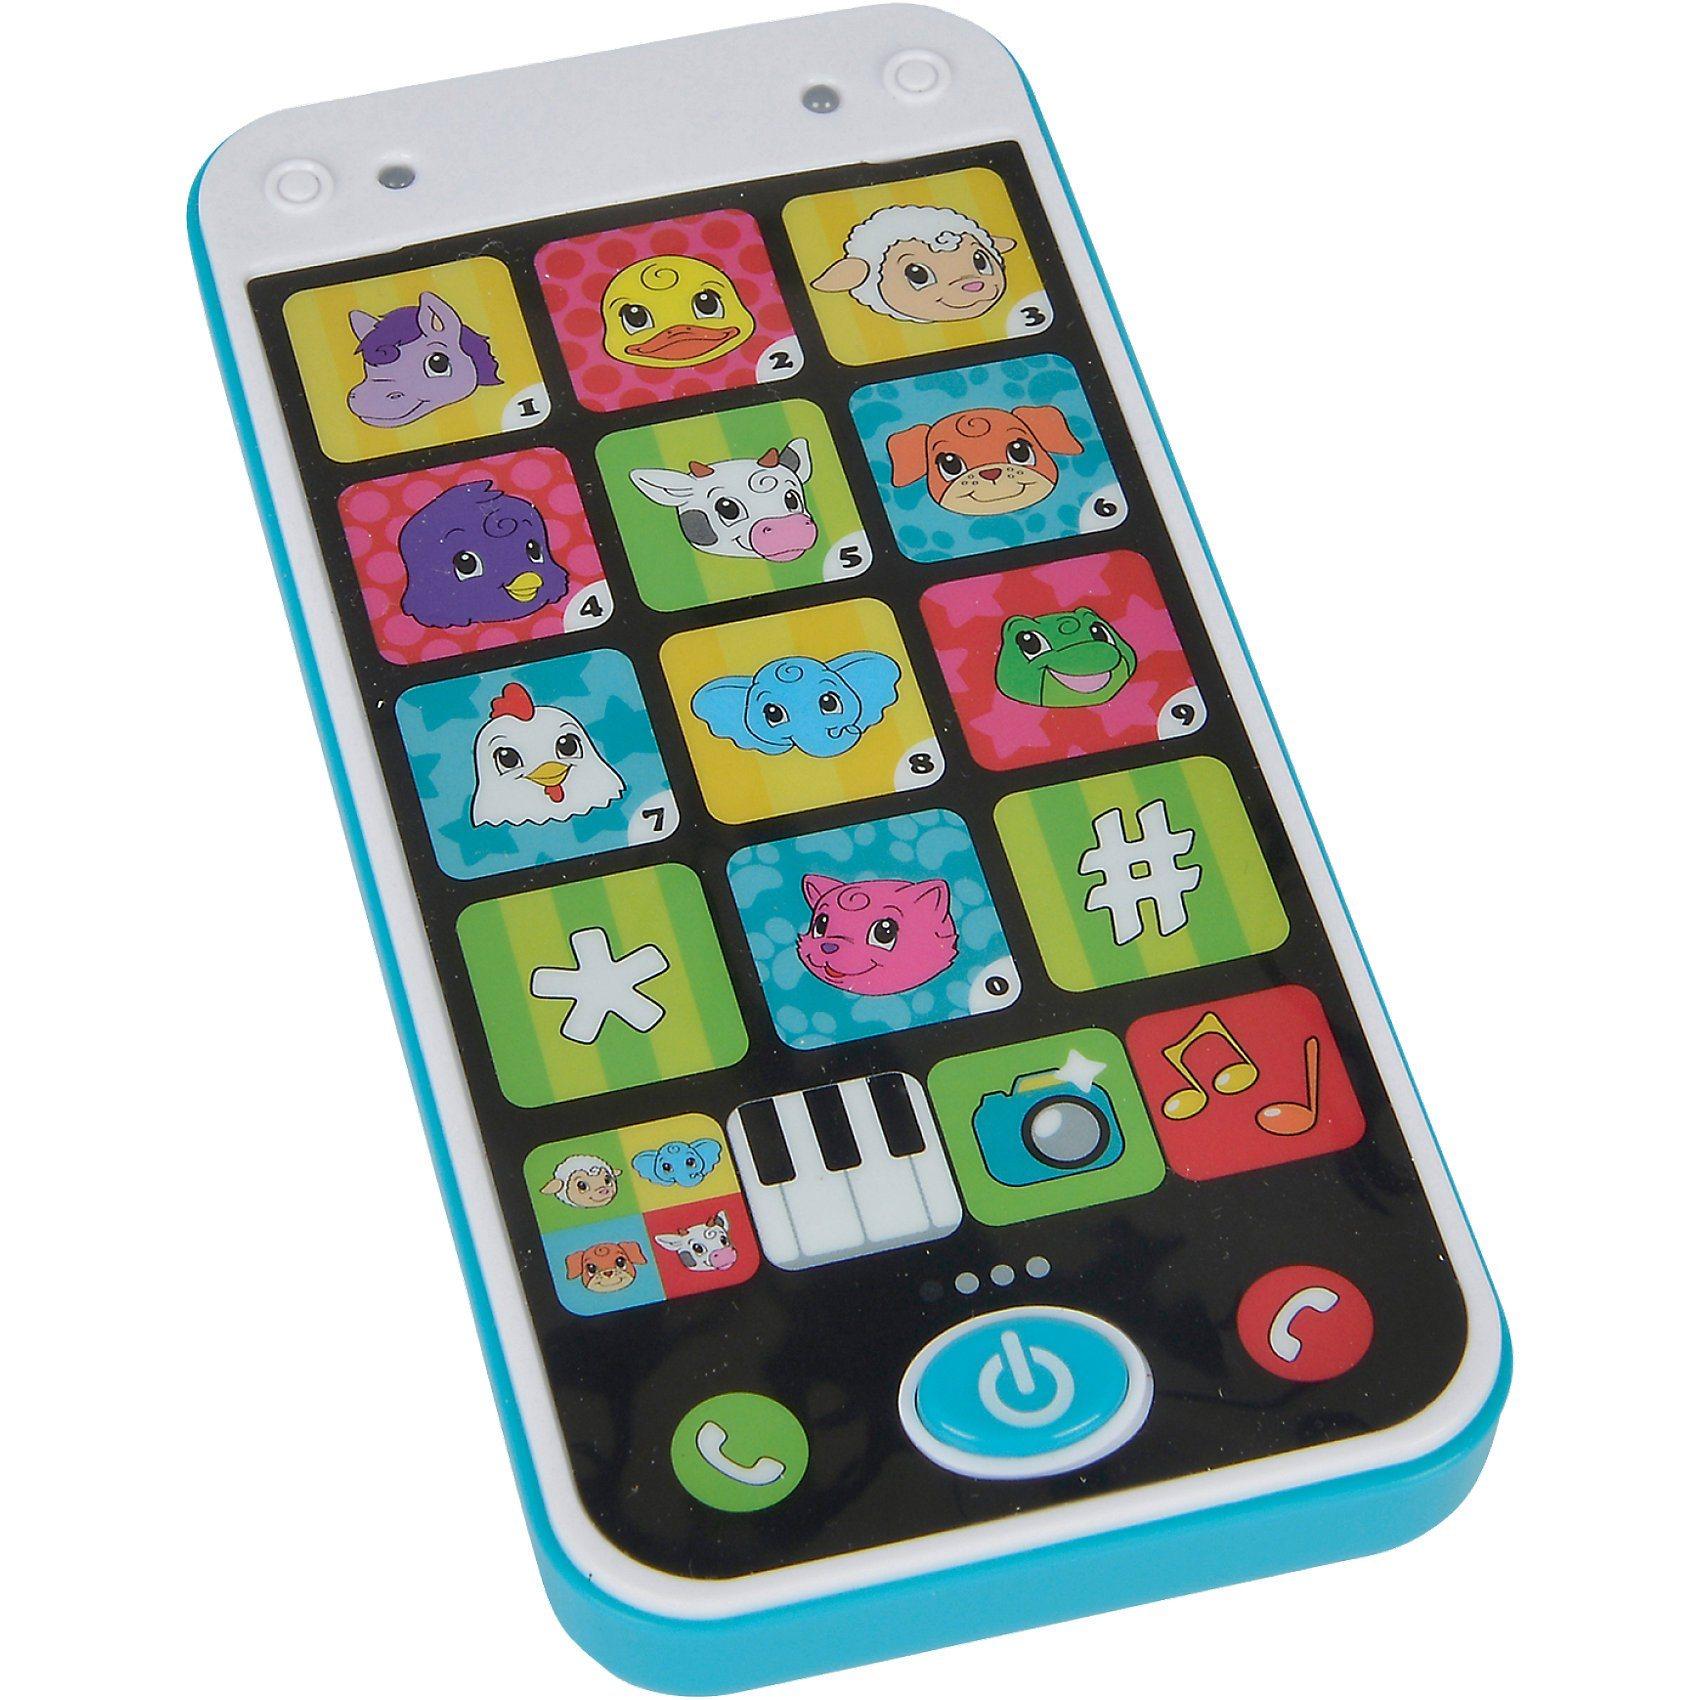 Vorschaubild von Simba ABC Smart Phone